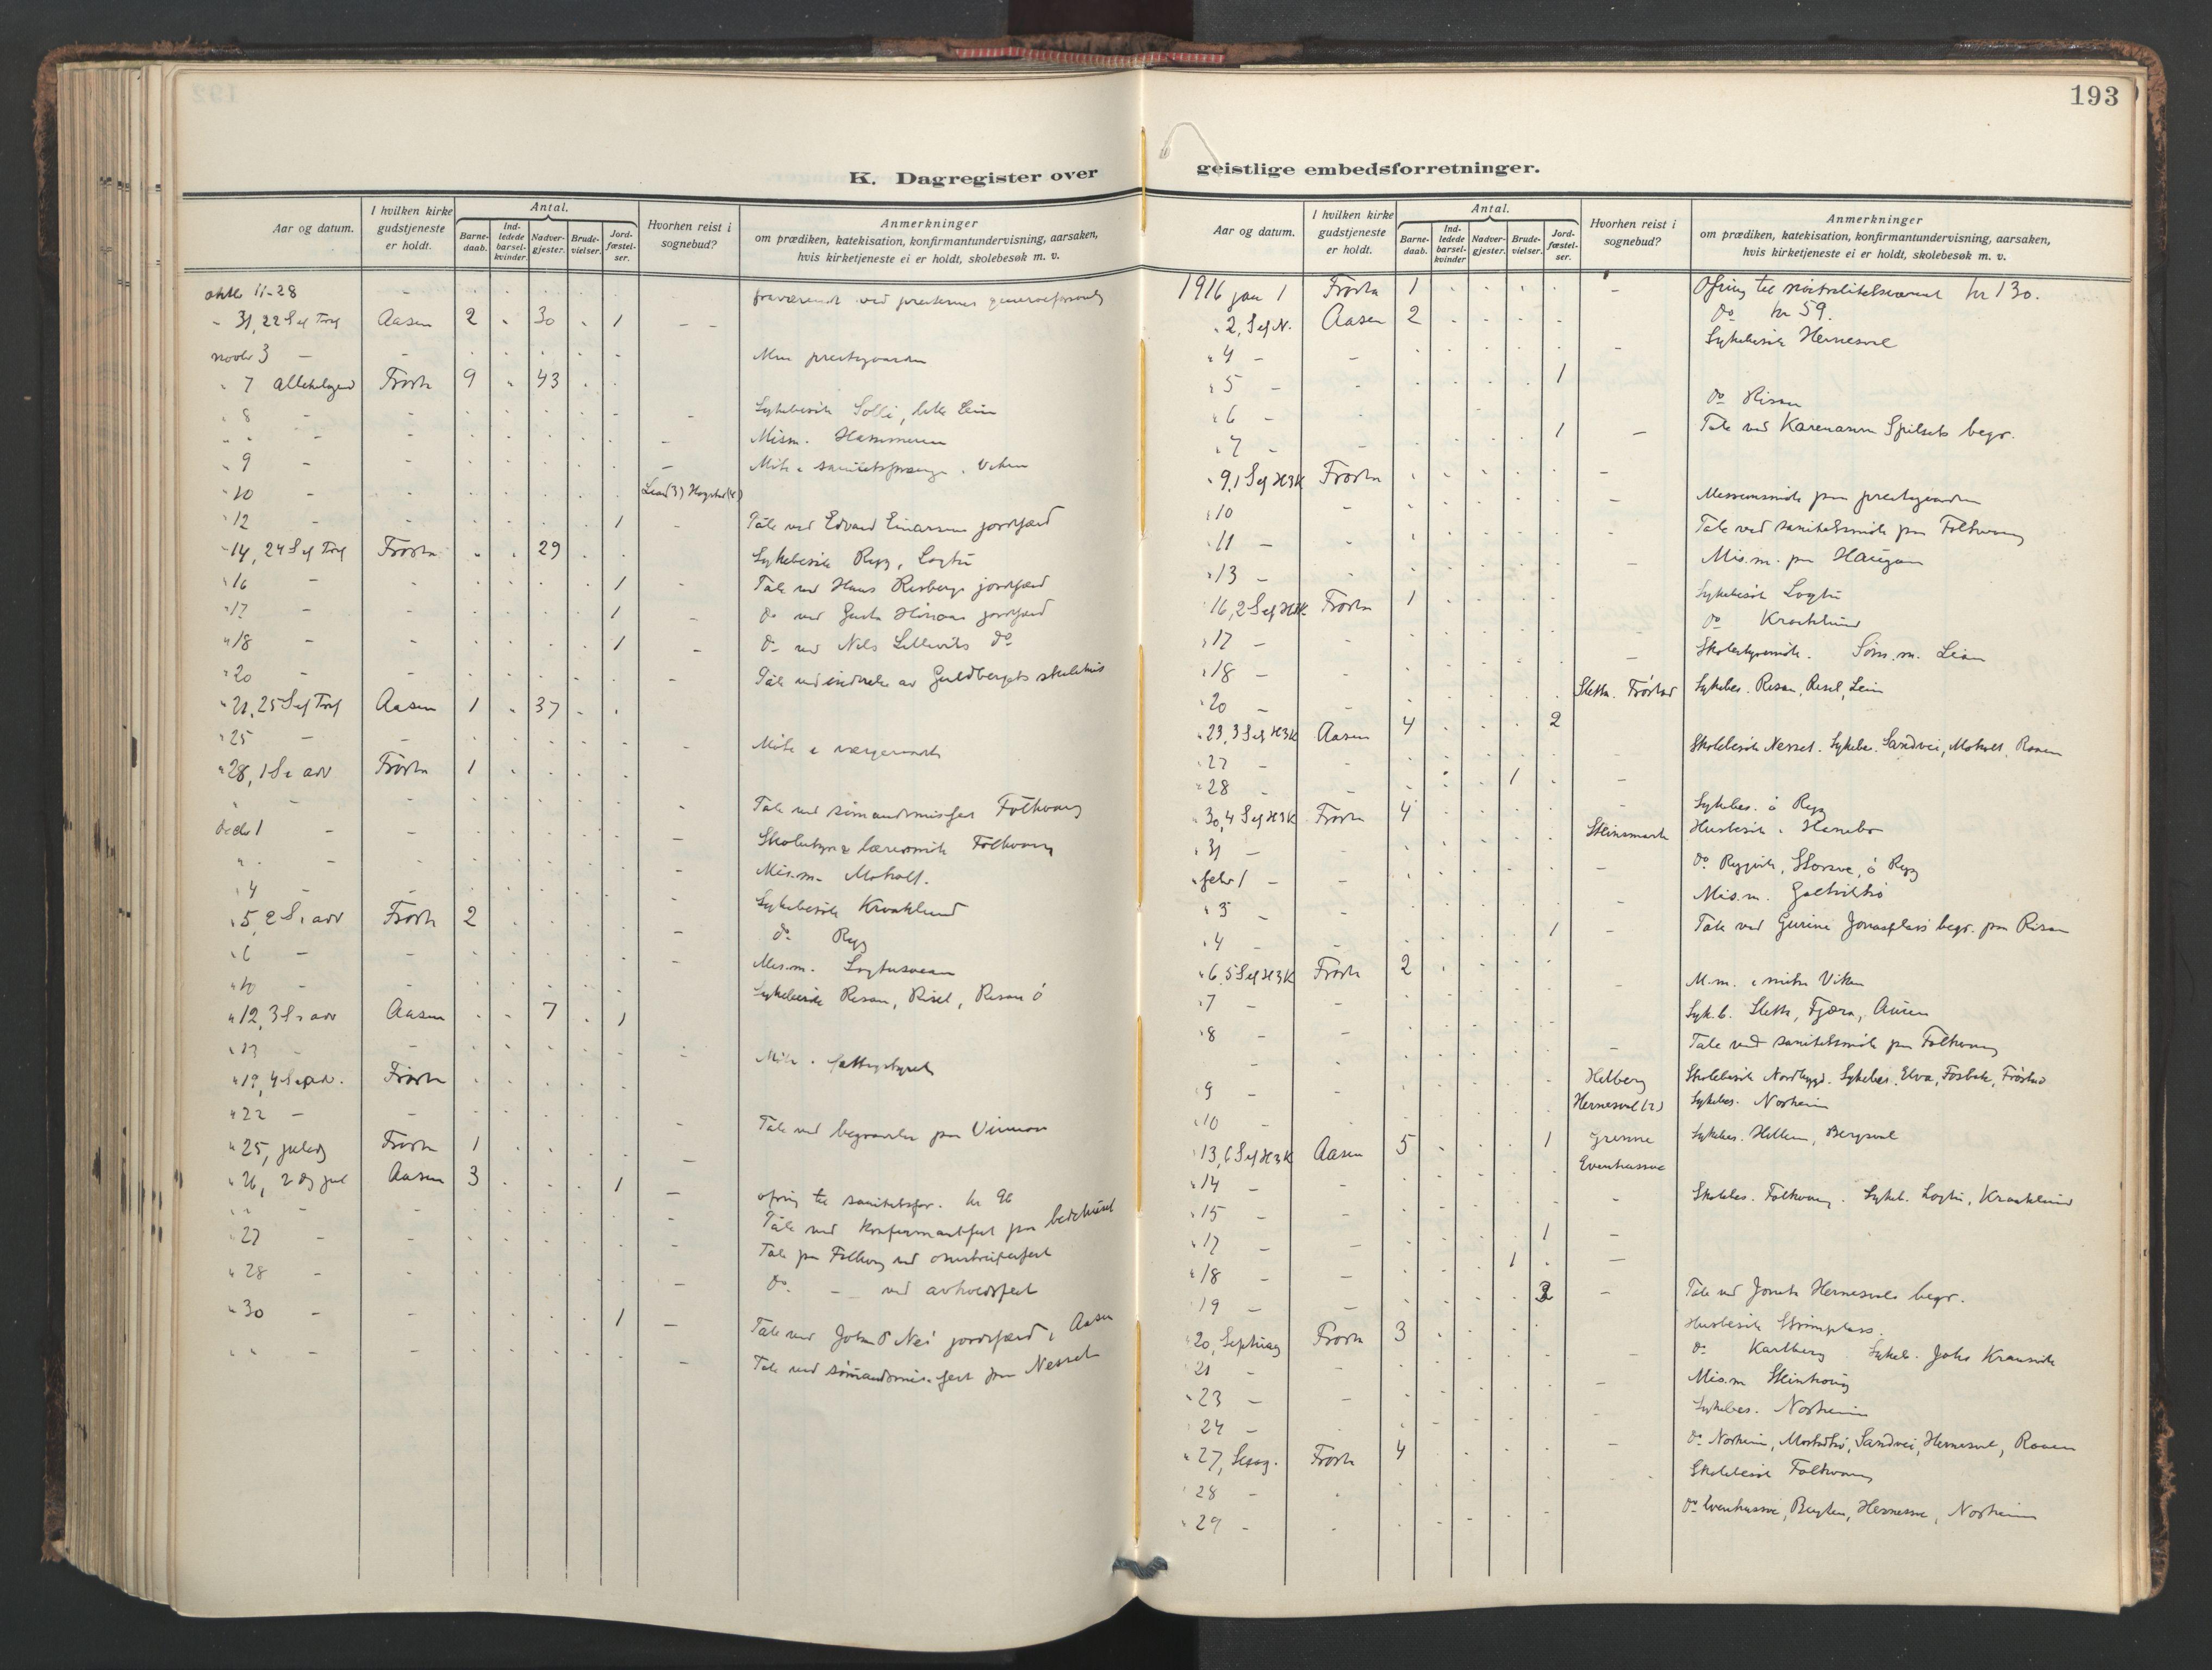 SAT, Ministerialprotokoller, klokkerbøker og fødselsregistre - Nord-Trøndelag, 713/L0123: Ministerialbok nr. 713A12, 1911-1925, s. 193